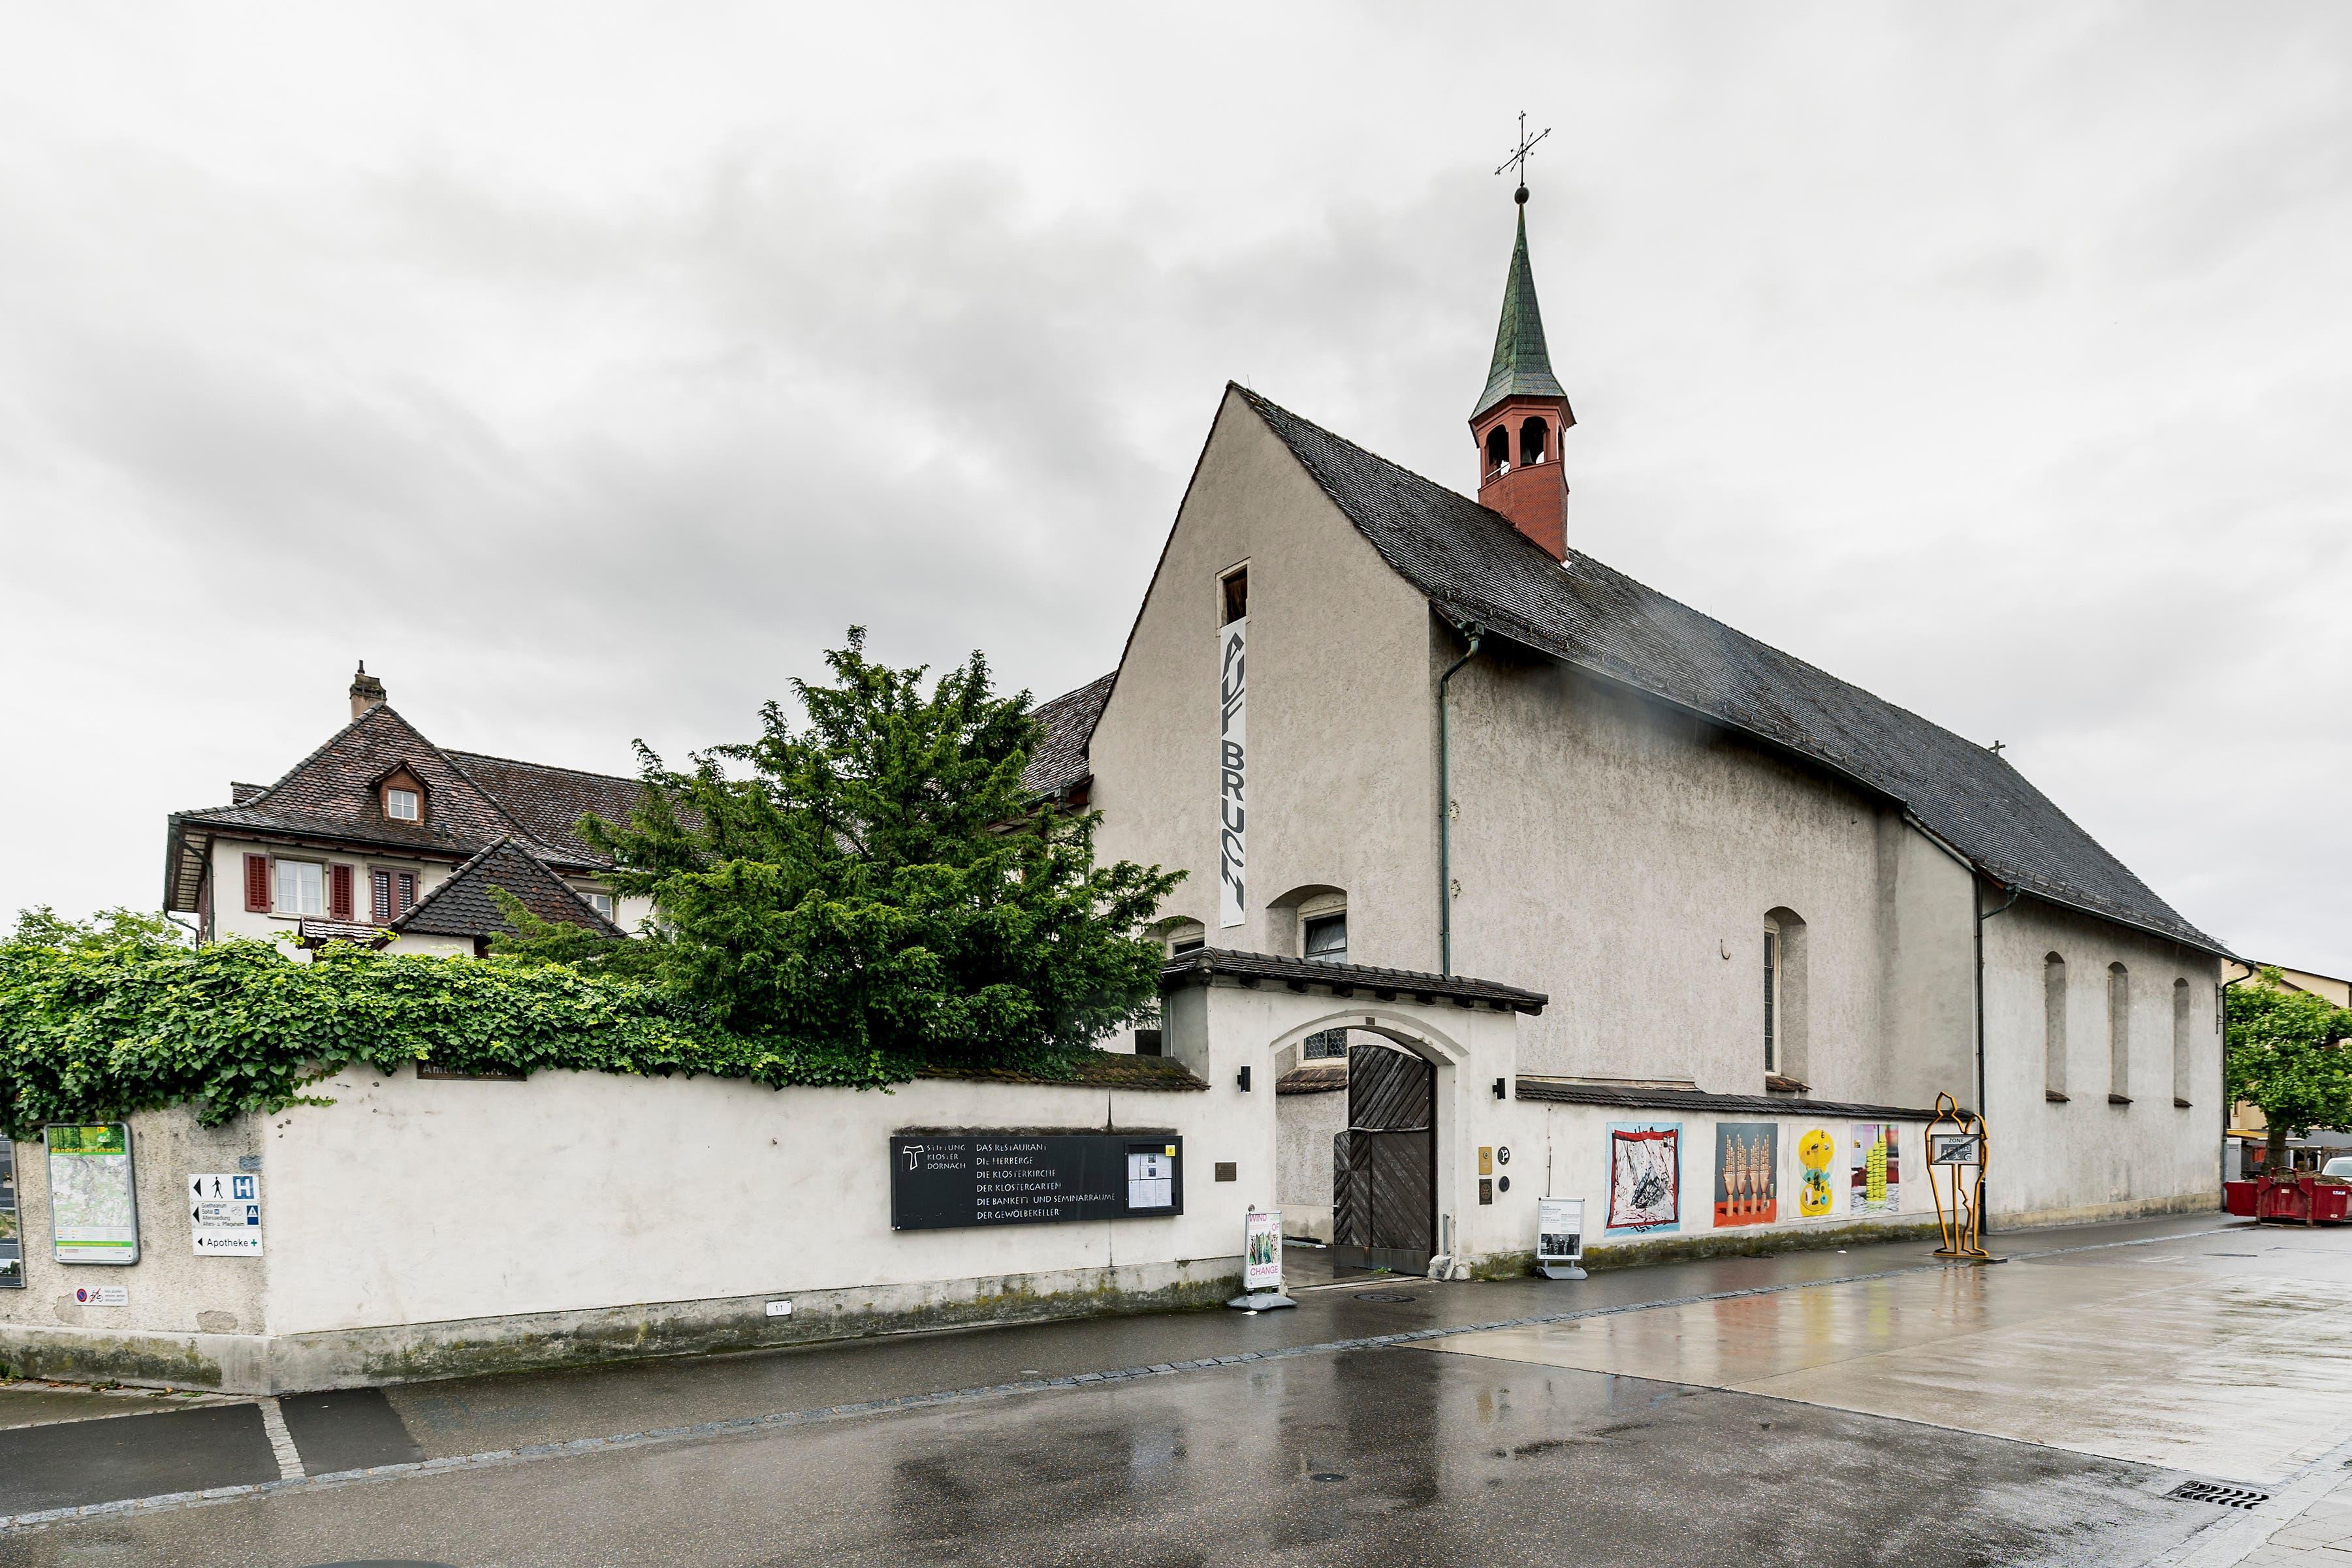 1673 erfolgte die Grundsteinlegung der Kirche und des Klosters, die ersten Kapuziner zogen 1676 ein.